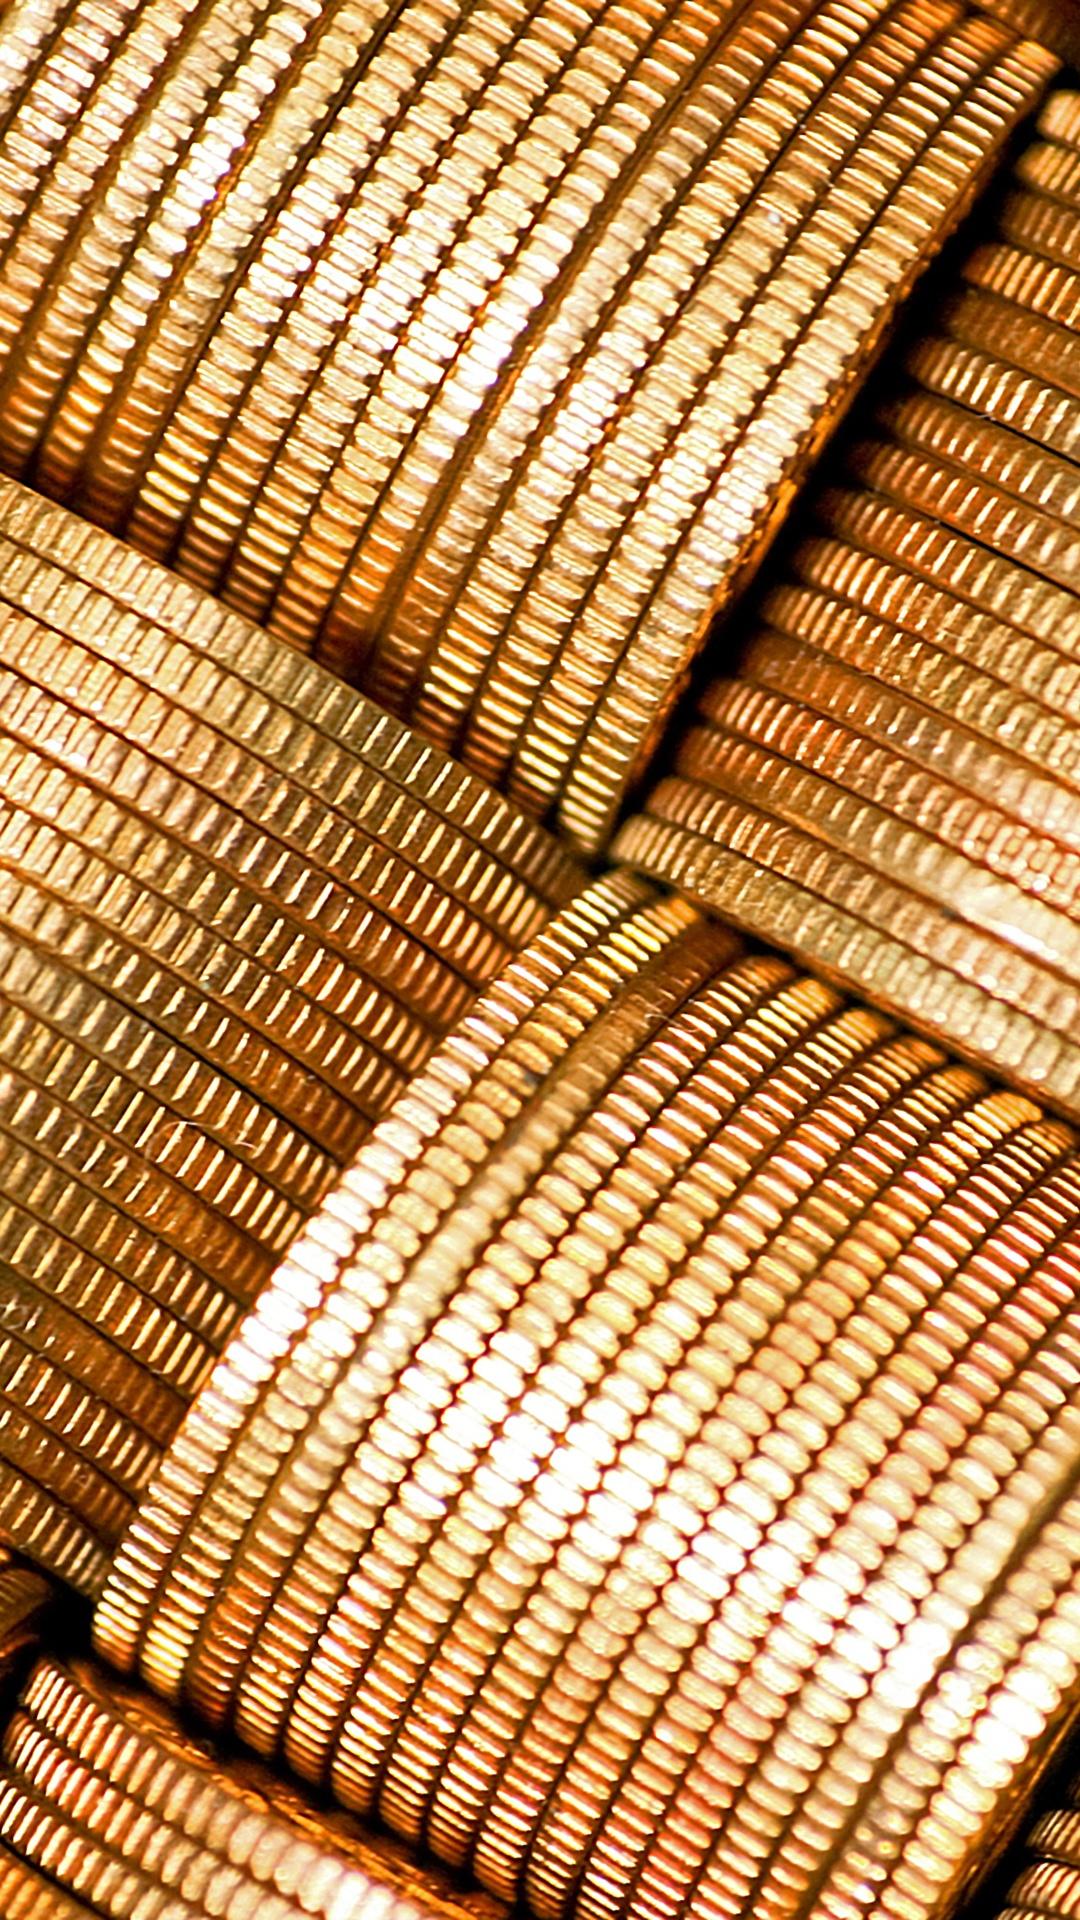 Foto Münze Textur Geld Großansicht 1080x1920 für Handy hautnah Nahaufnahme